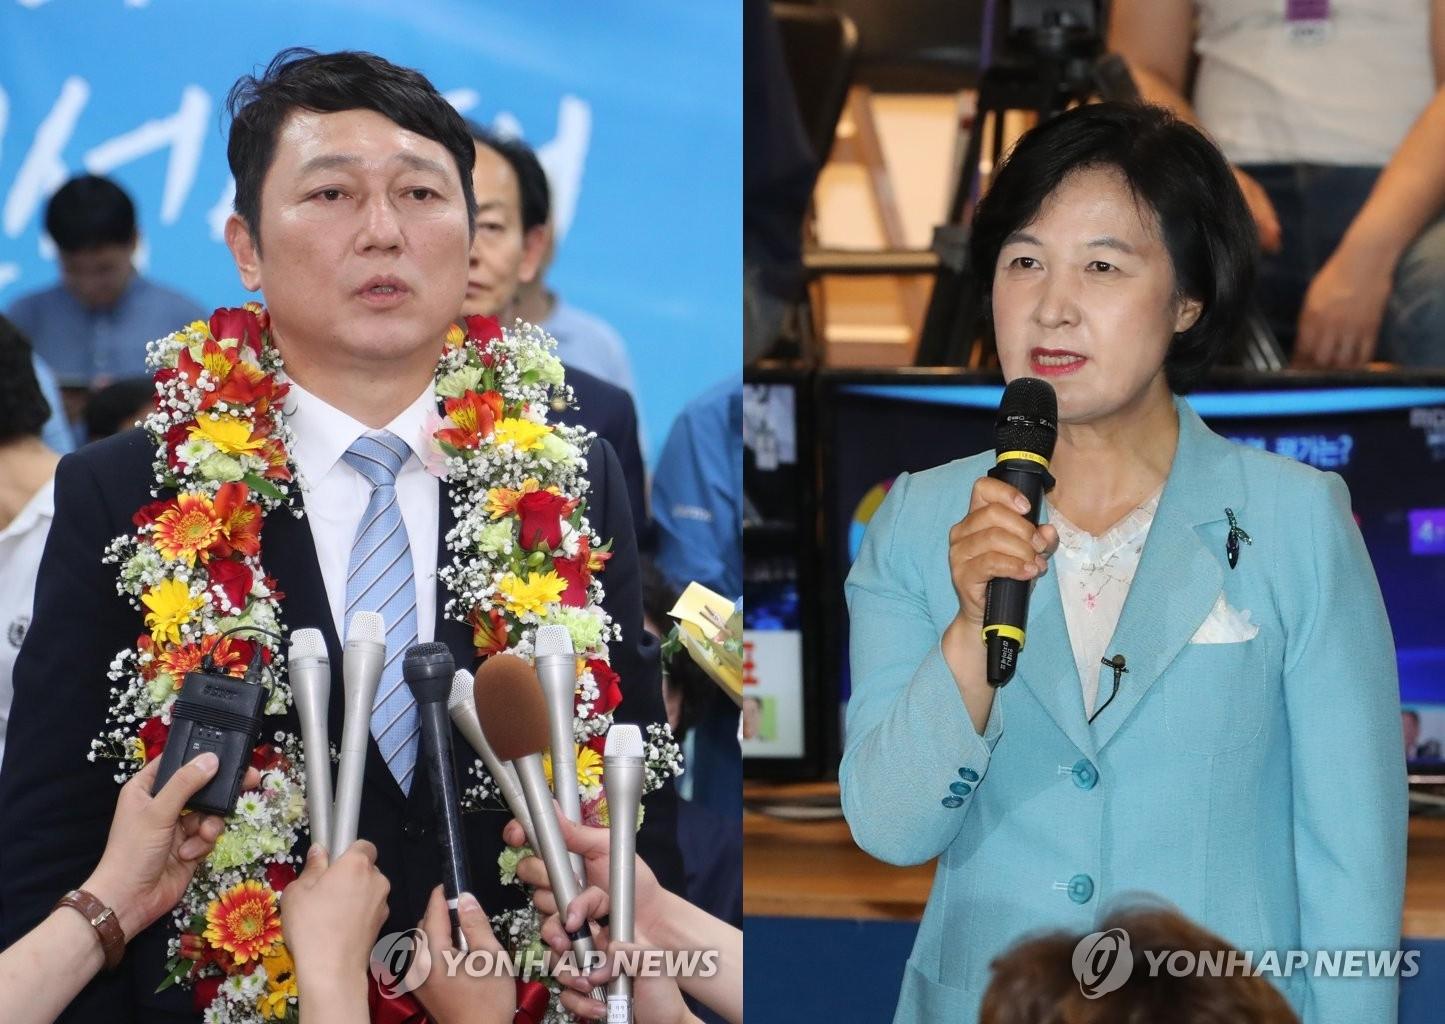 추미애 더불어민주당 대표· 최재성 서울 송파구을 국회의원 당선인 <사진=연합뉴스>